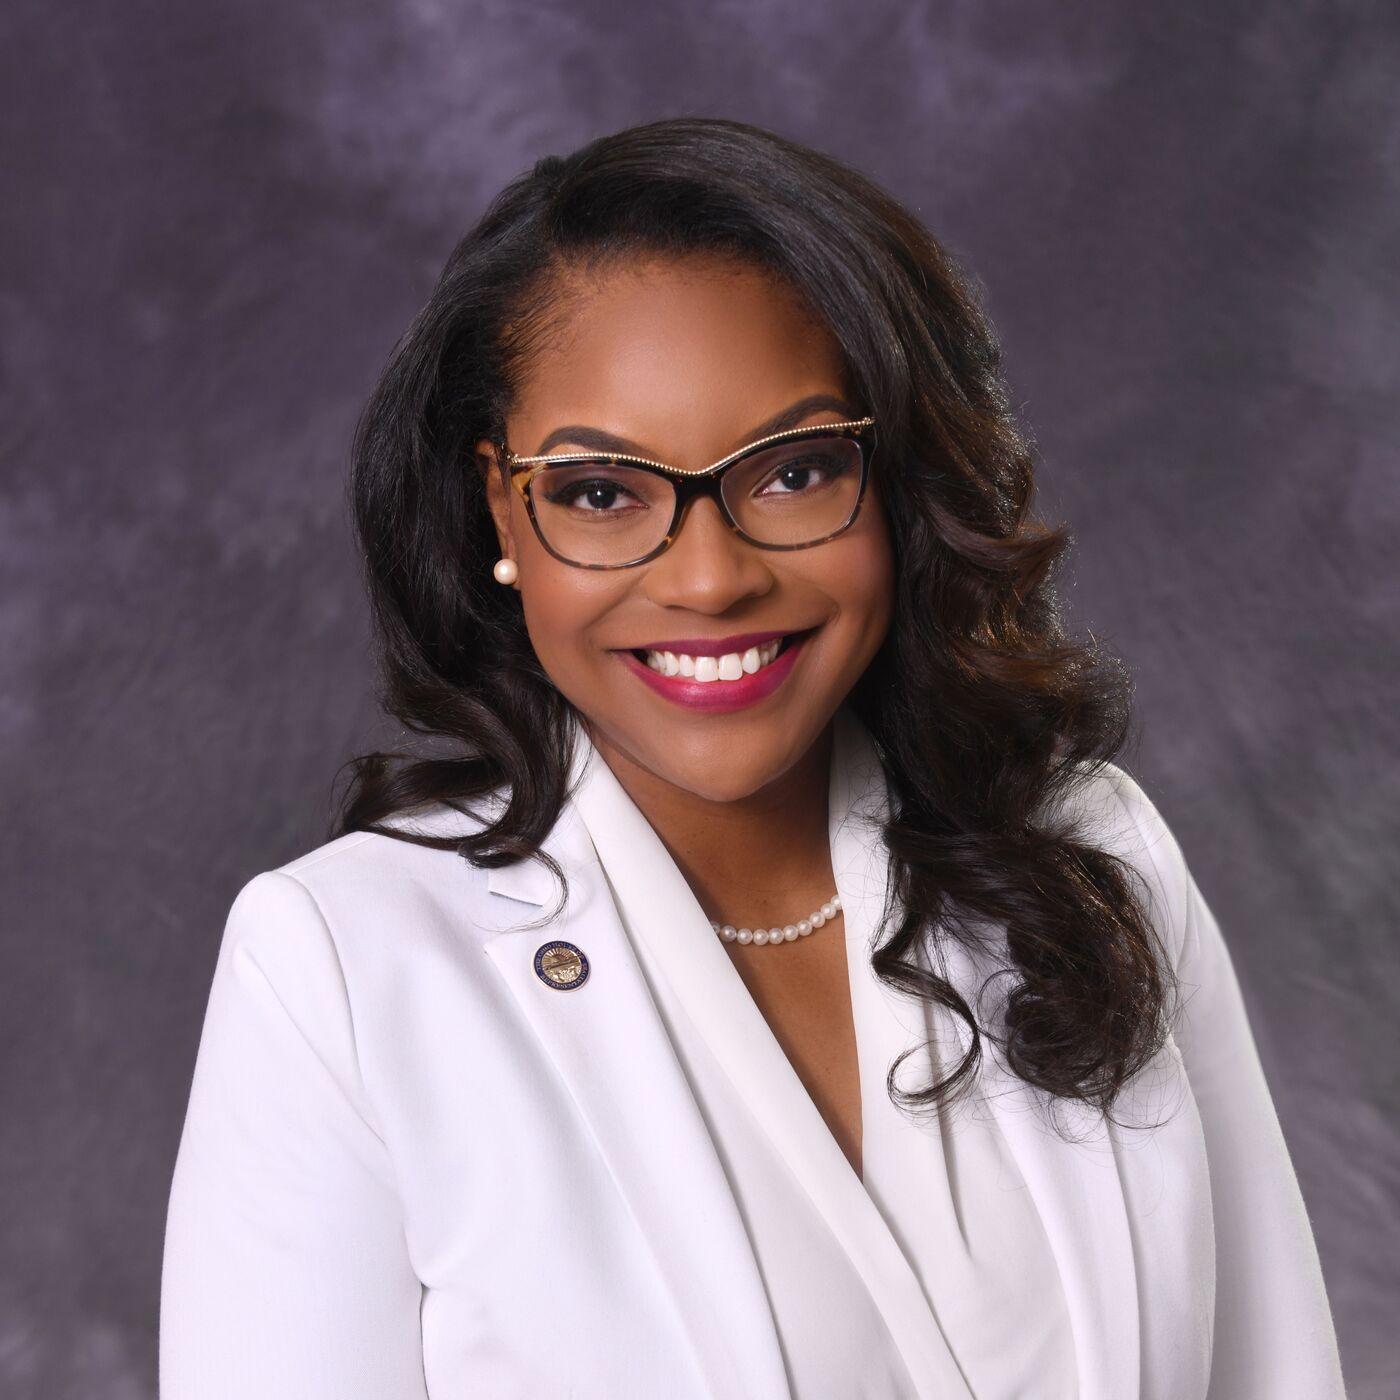 Ep. 34 - Ohio Representative, Emilia Strong Sykes (D - District 34)